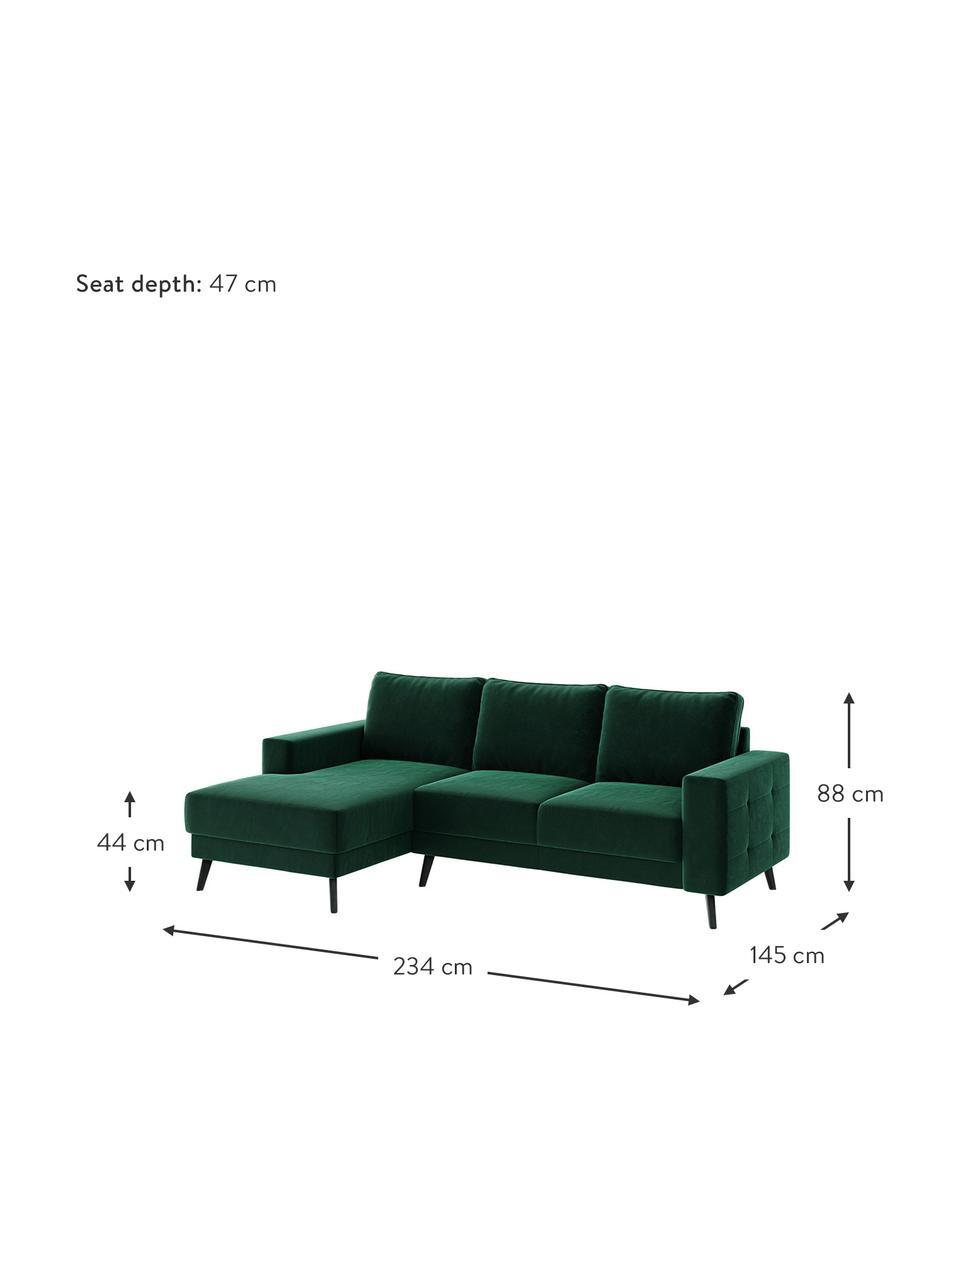 Sofa narożna z aksamitu Fynn, Tapicerka: 100% aksamit poliestrowy, Stelaż: drewno liściaste, drewno , Nogi: drewno lakierowane Dzięki, Ciemny zielony, S 234 x G 145 cm